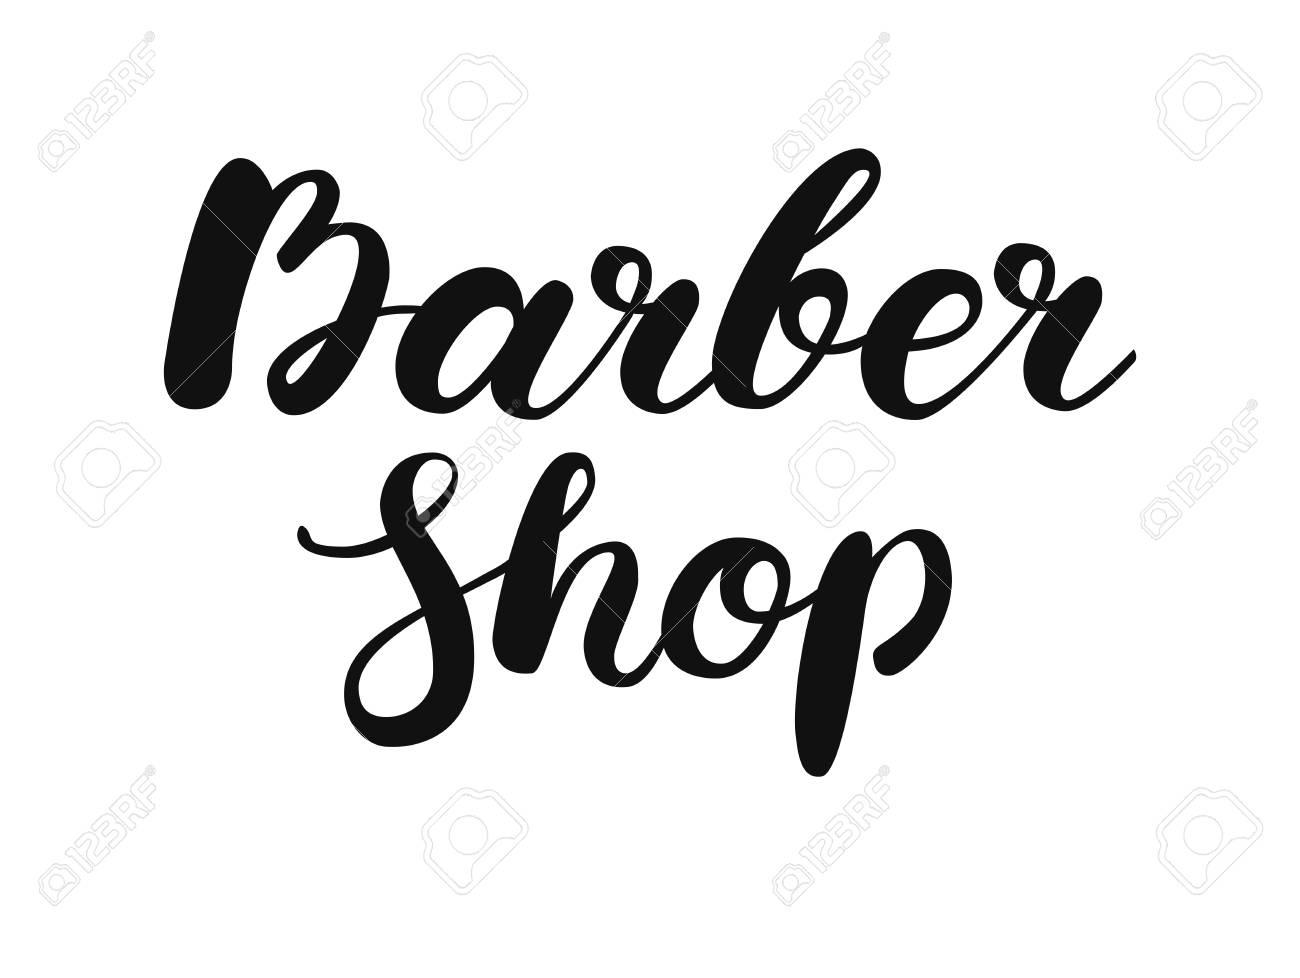 Lettrage De Pinceau Manuscrite Barber Shop Calligraphie Pour